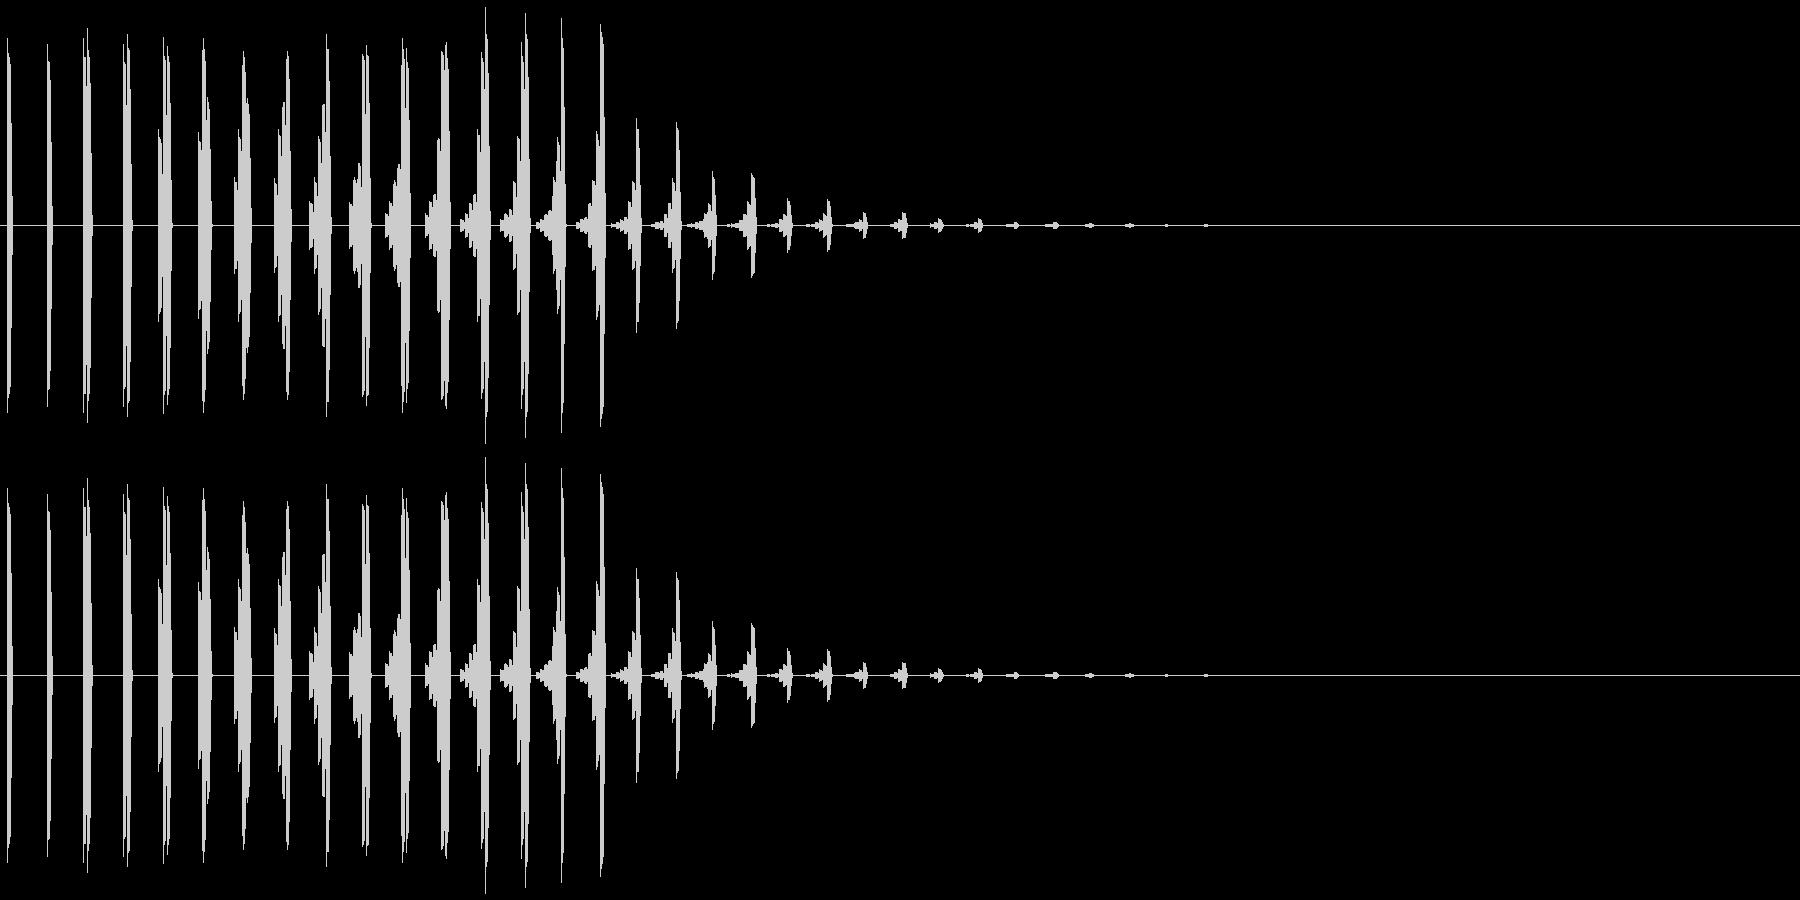 アイテム入手、回復など ティコォリィ…の未再生の波形